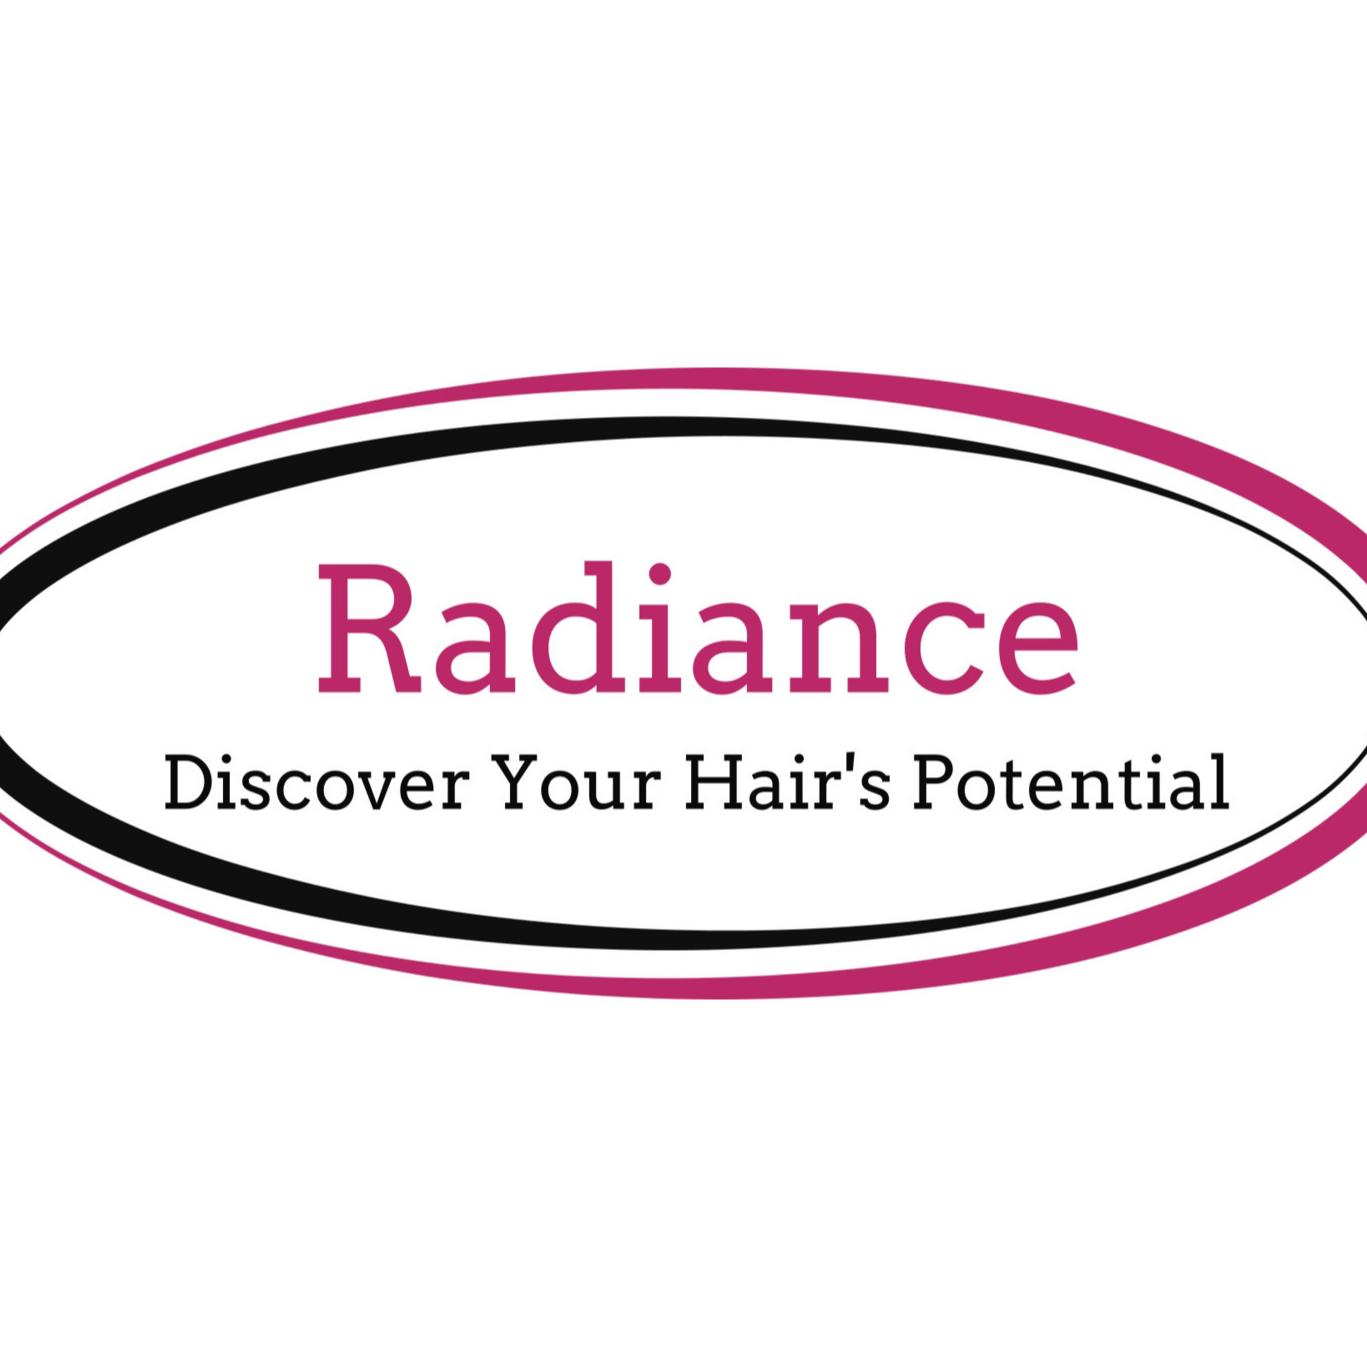 Radiance Hair & Beauty